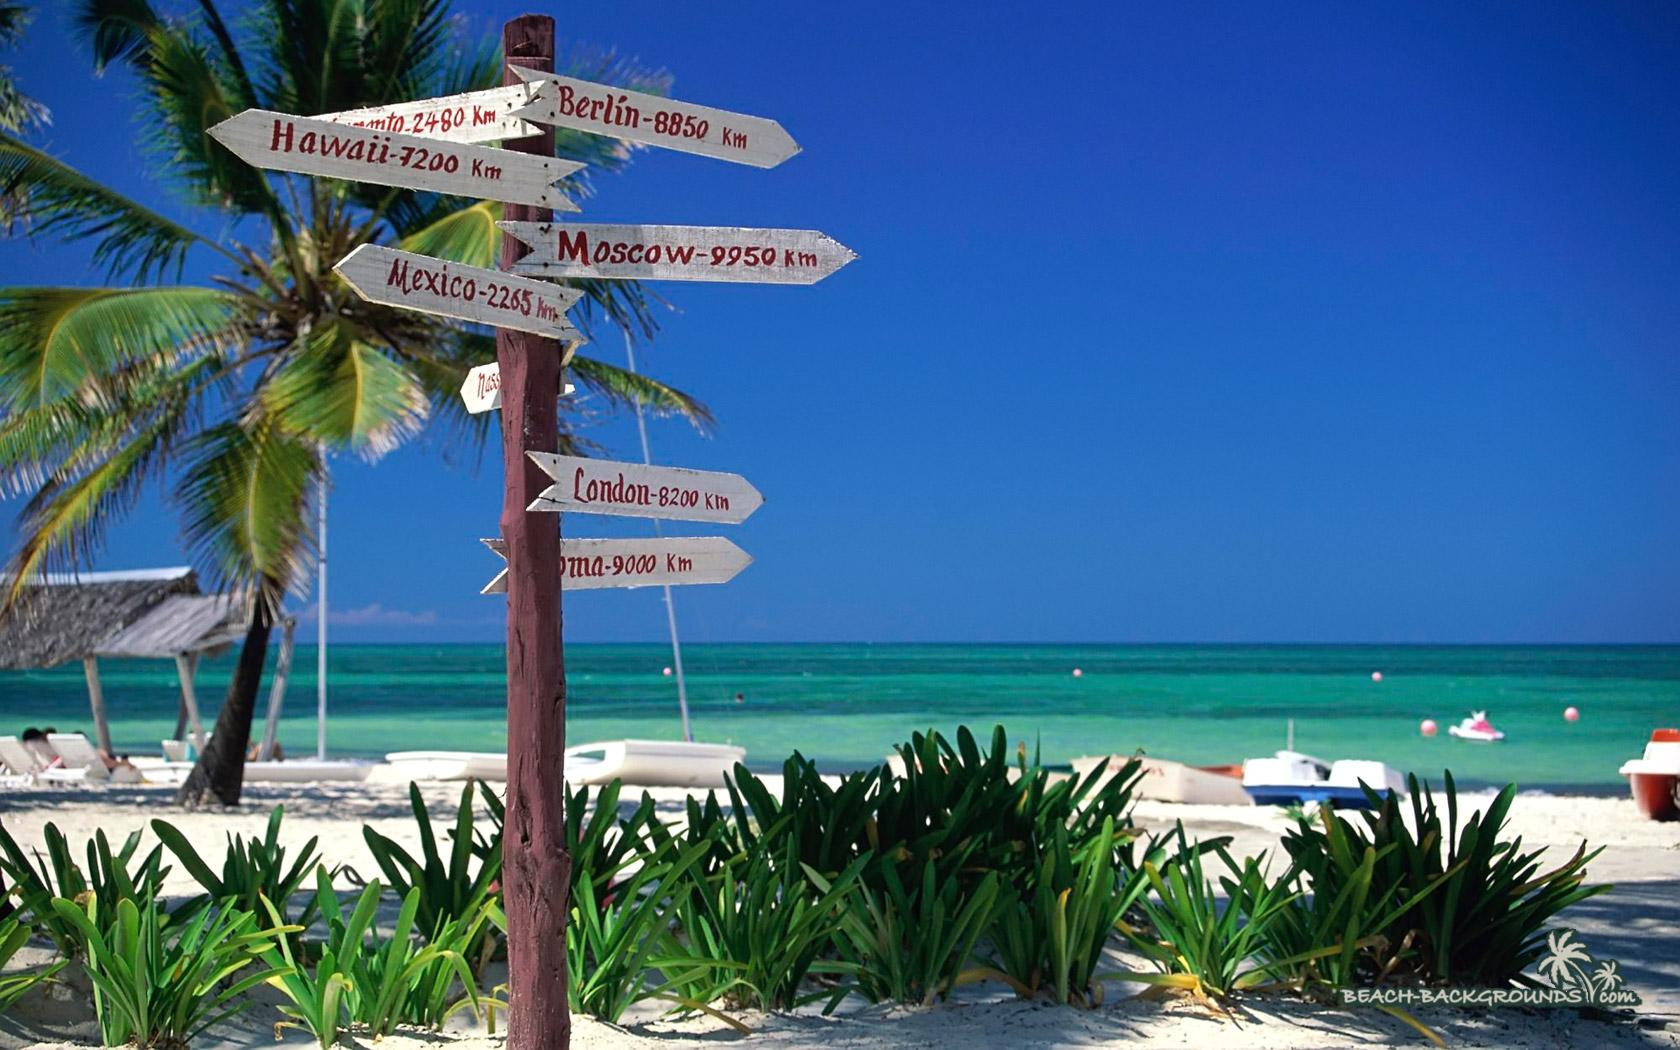 Santa Lucia Cuba Beach Wallpaper 16801050 Beach Bar Bums